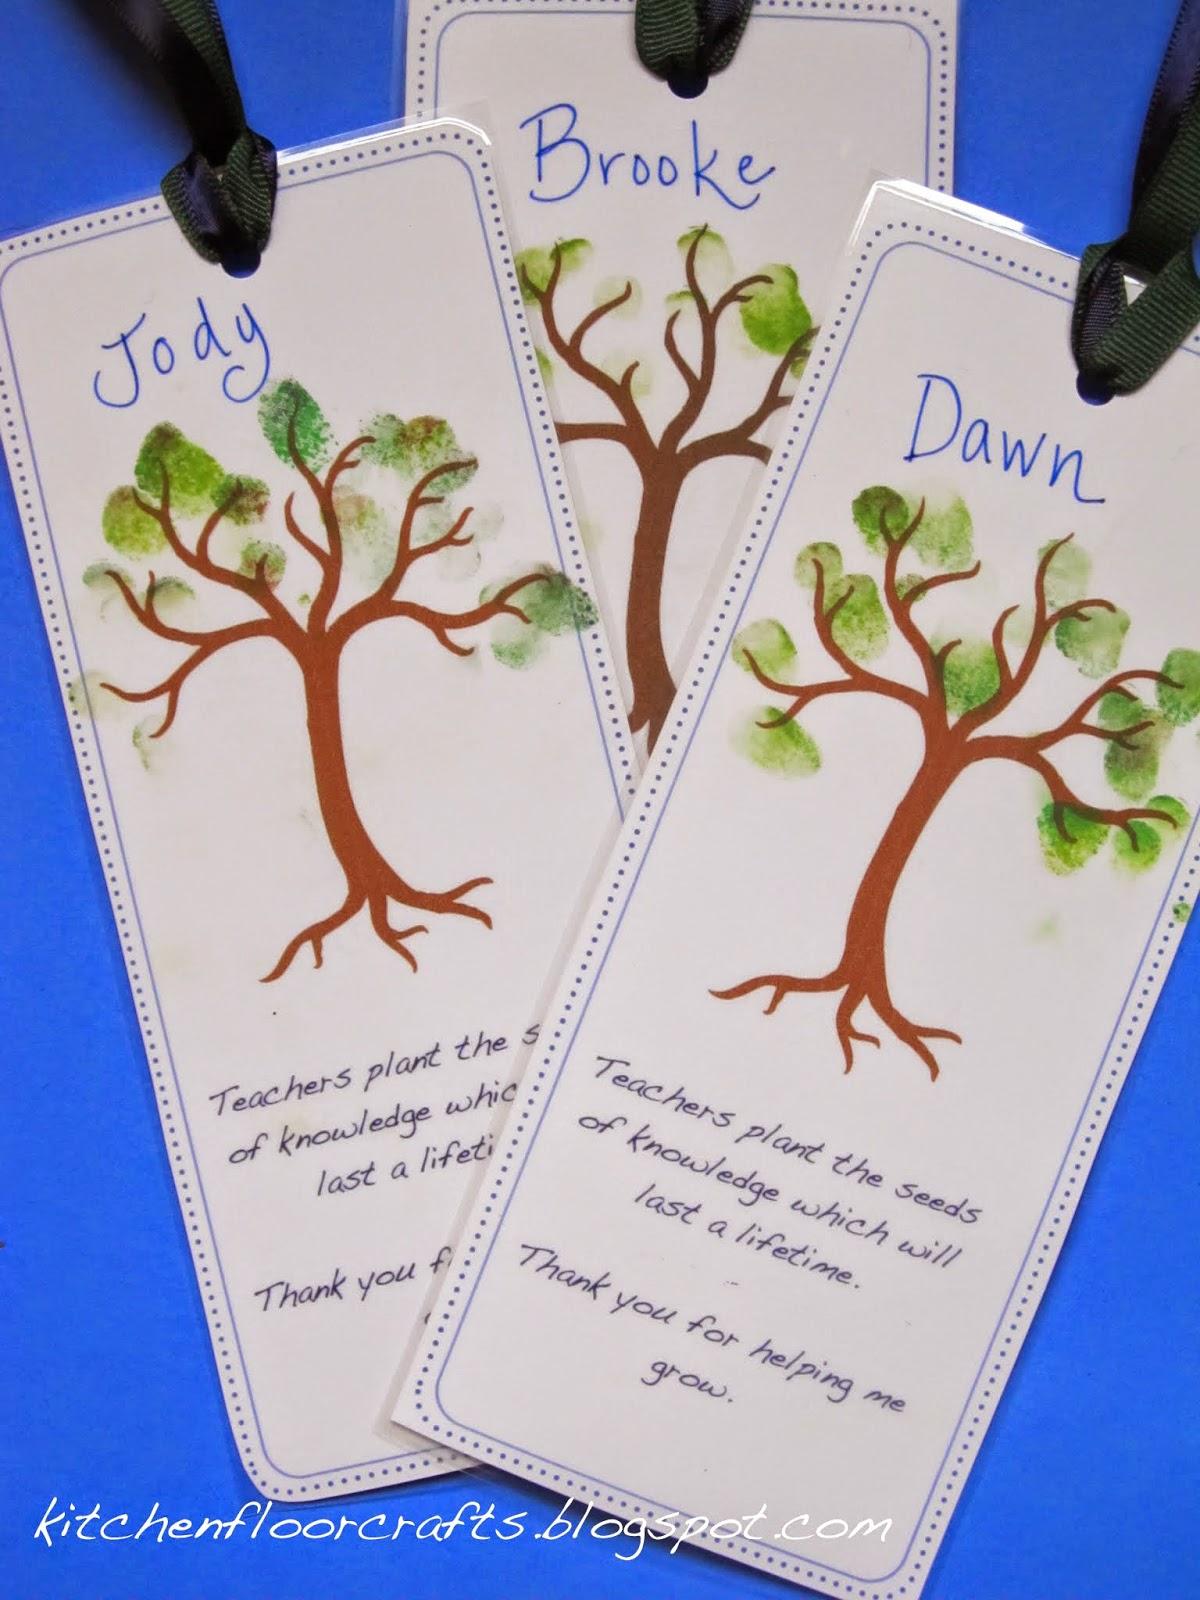 Kitchen floor crafts teacher thank you tree bookmarks for Thank you crafts for teachers